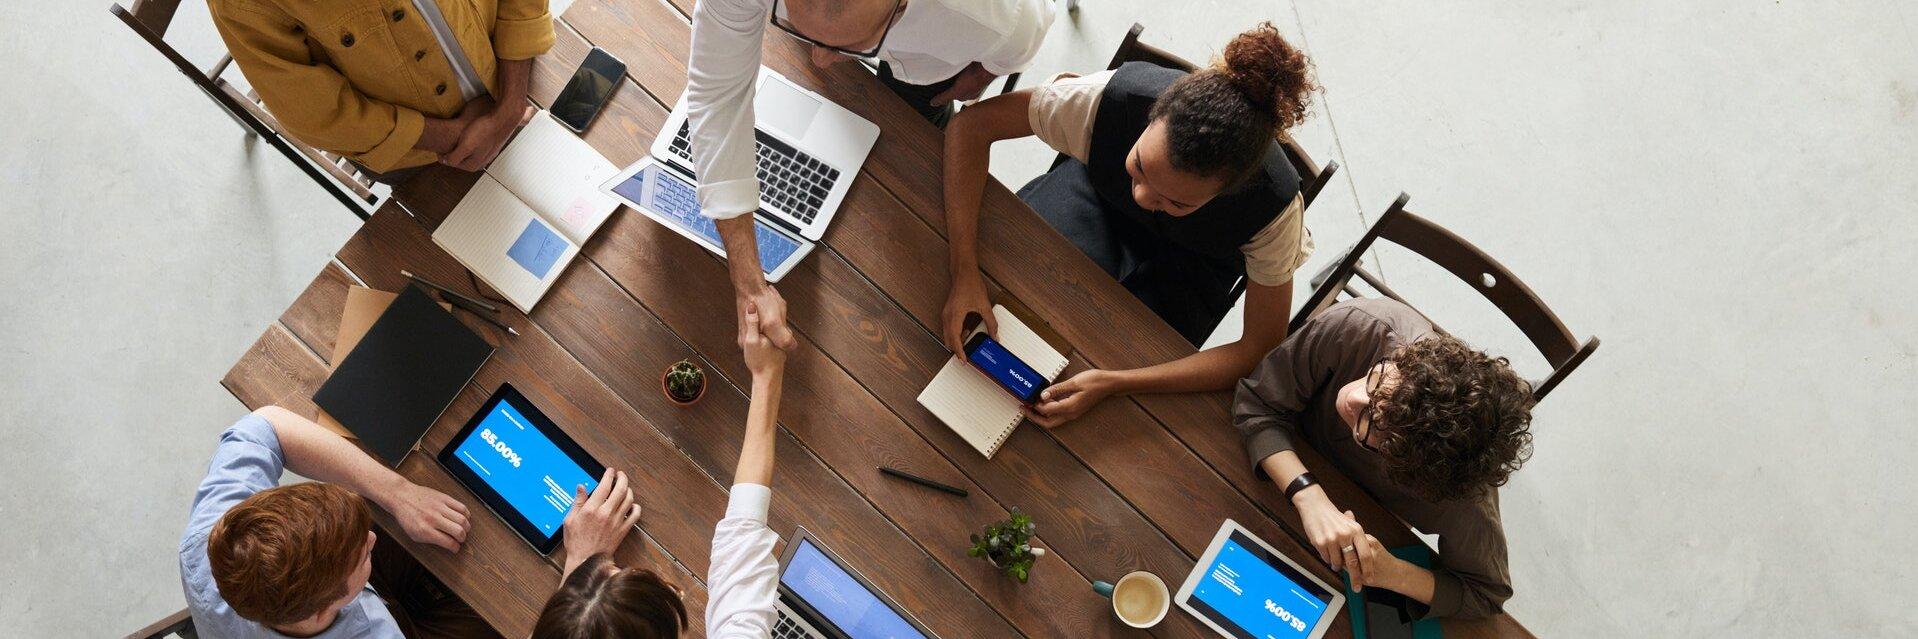 Eine Gruppe arbeitet gemeinsam an einem Tisch.